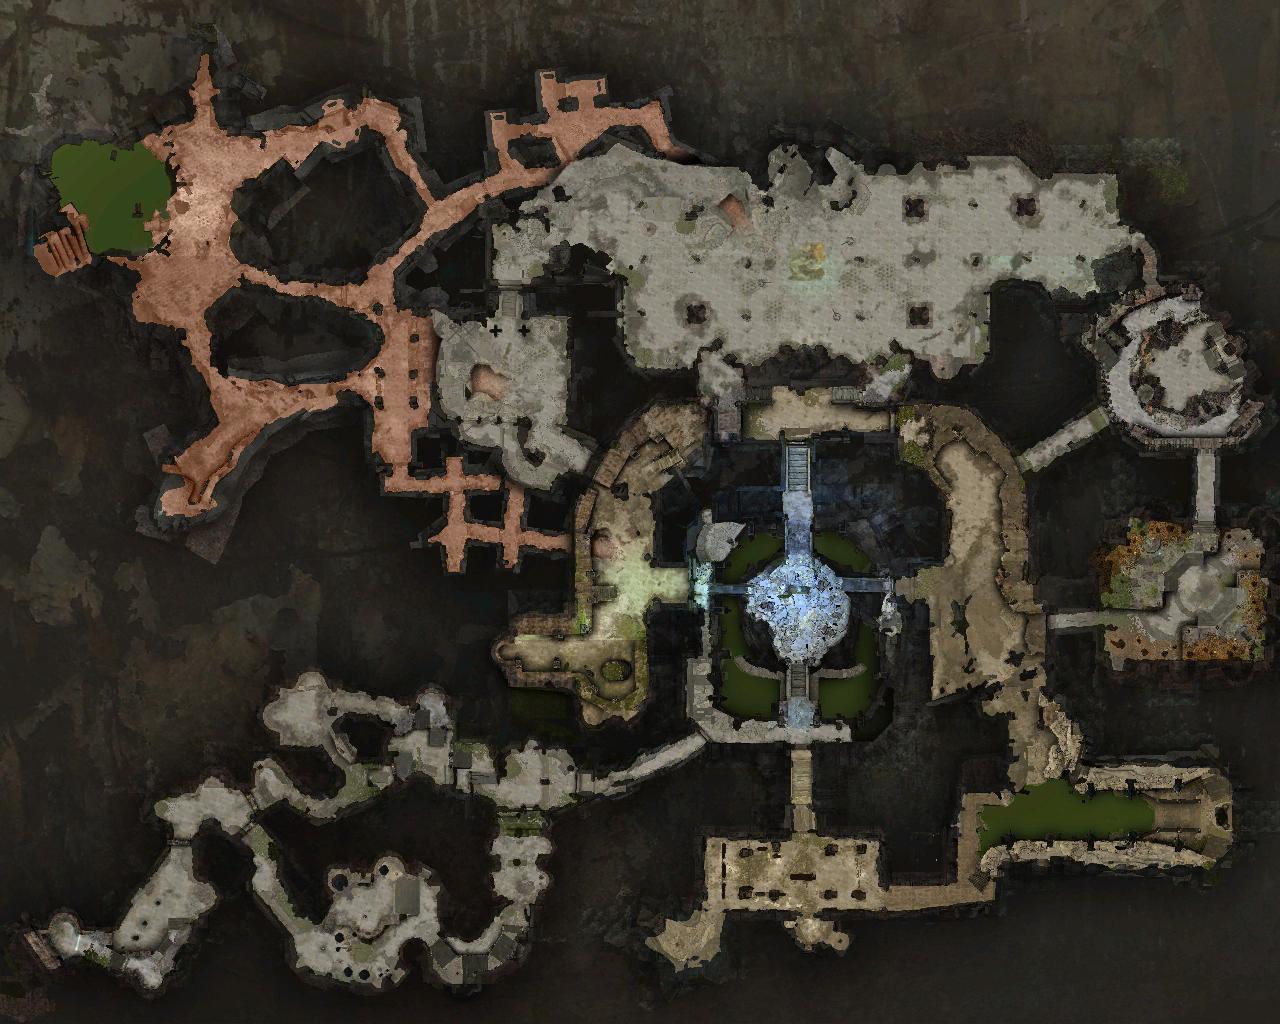 Ascalonian_Catacombs_map